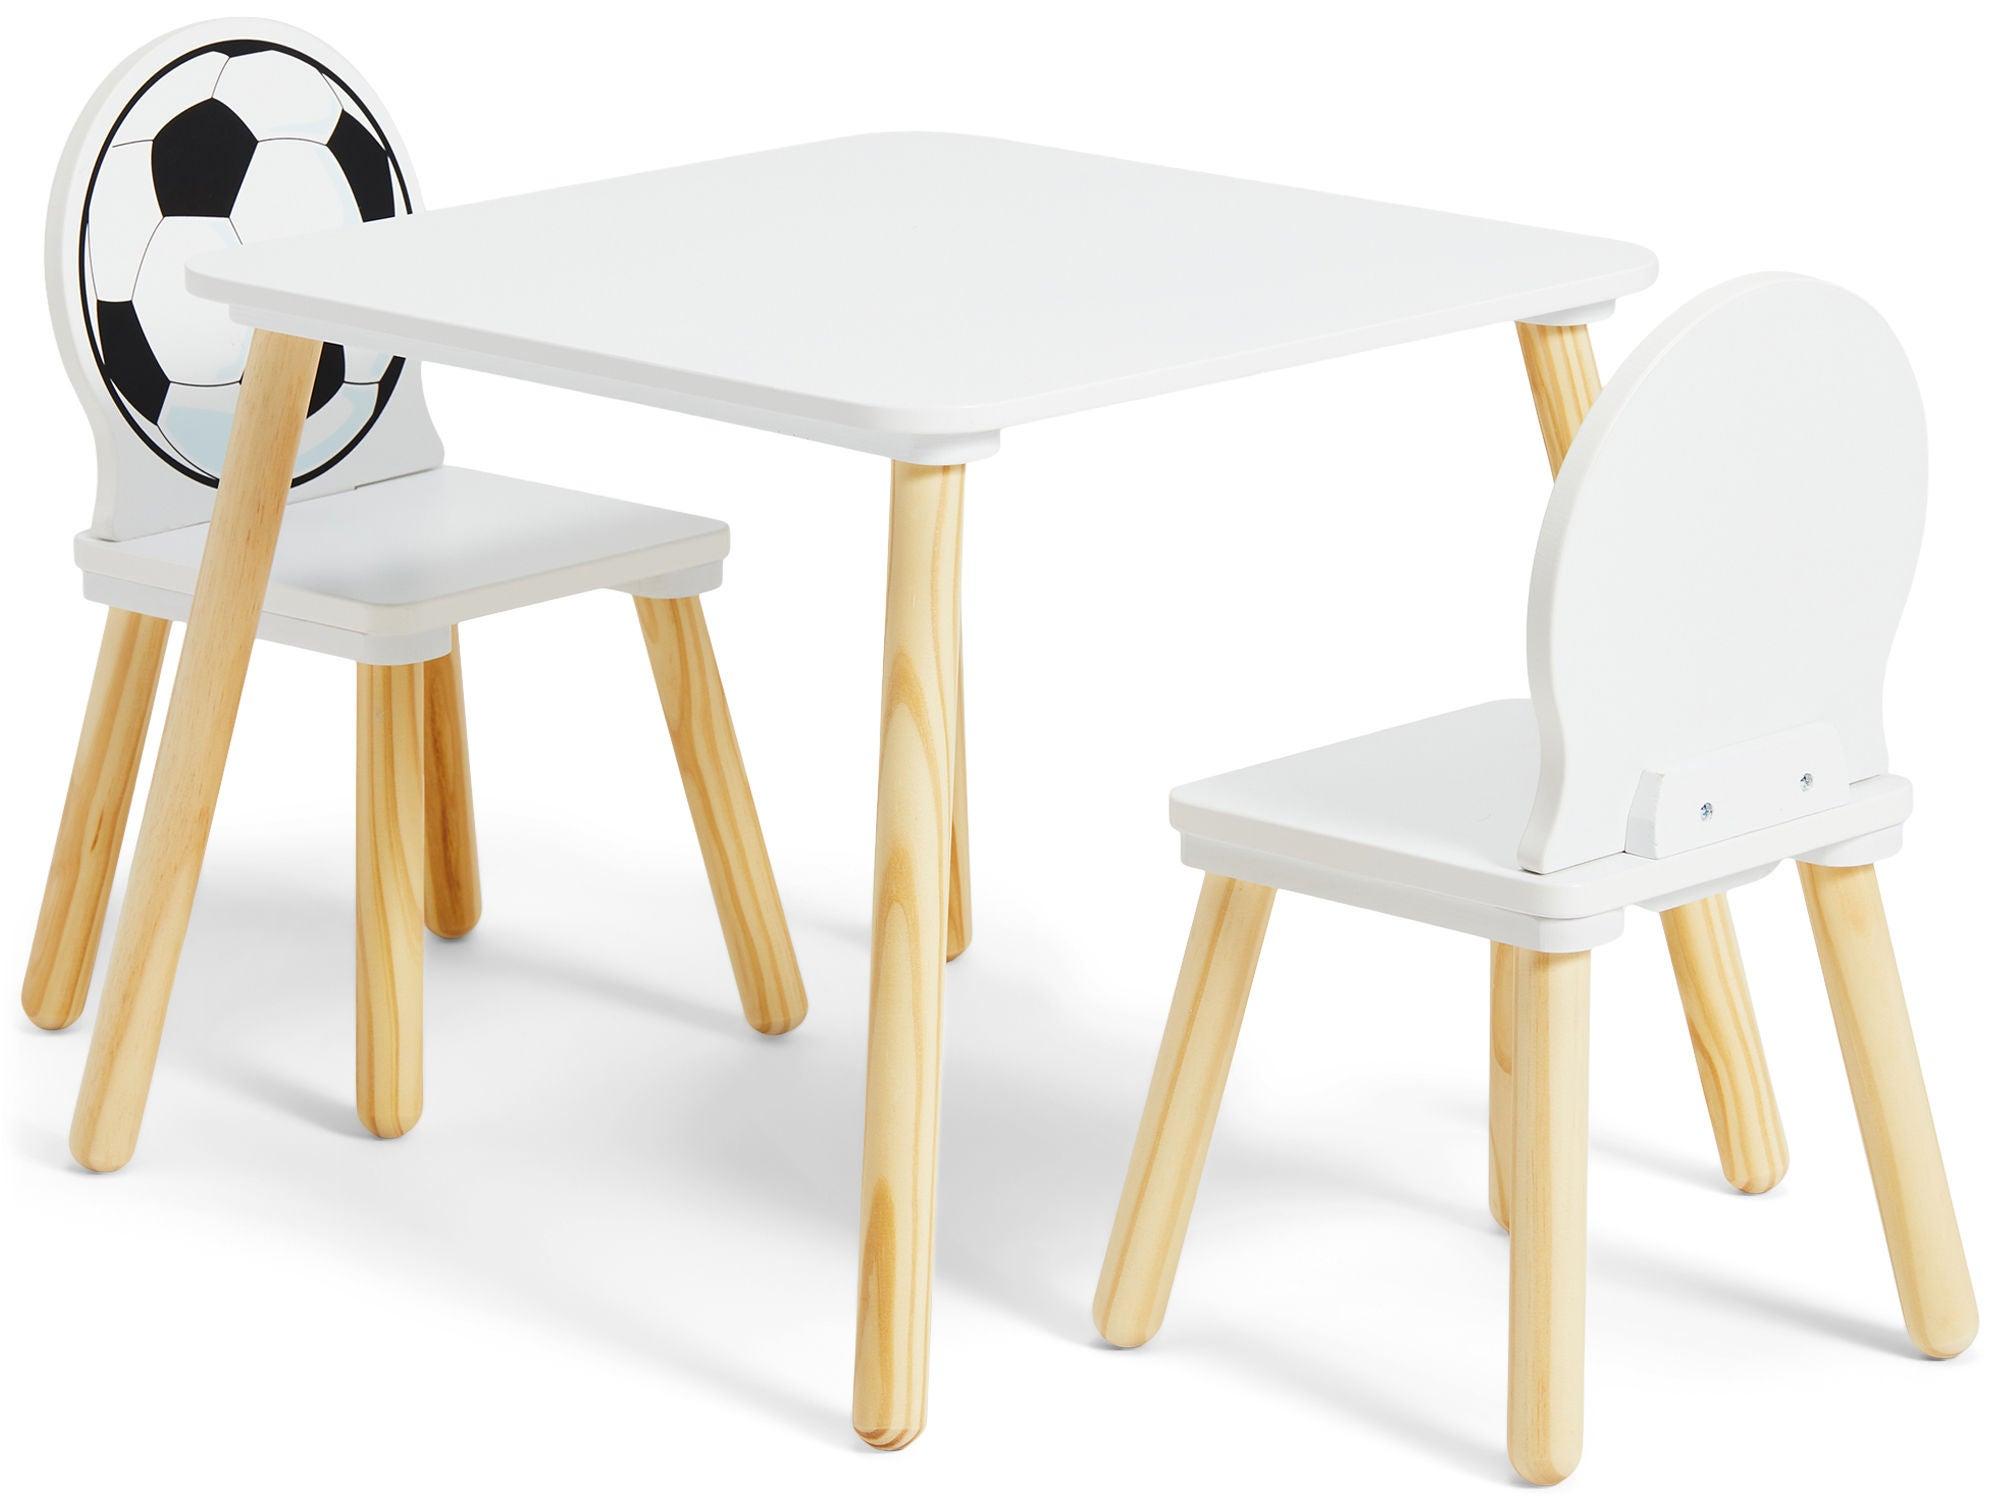 Alice & Fox Pöytä & Tuoli Jalkapallo